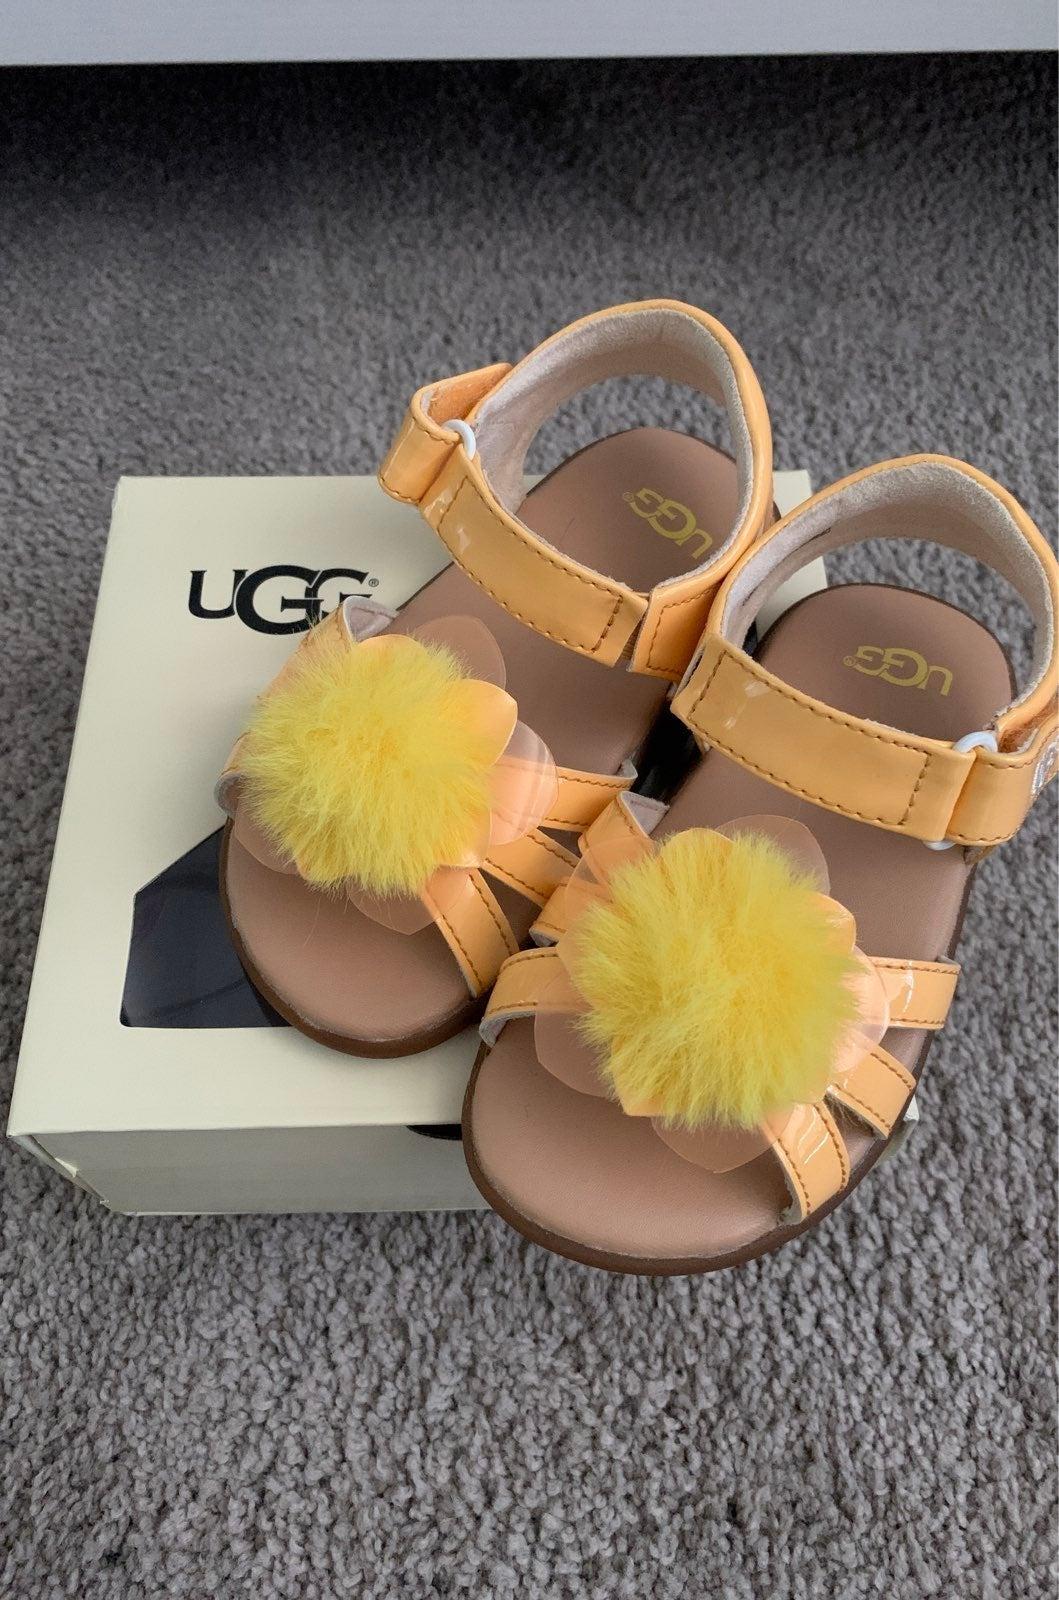 Sandals UGG toddler size 6/7